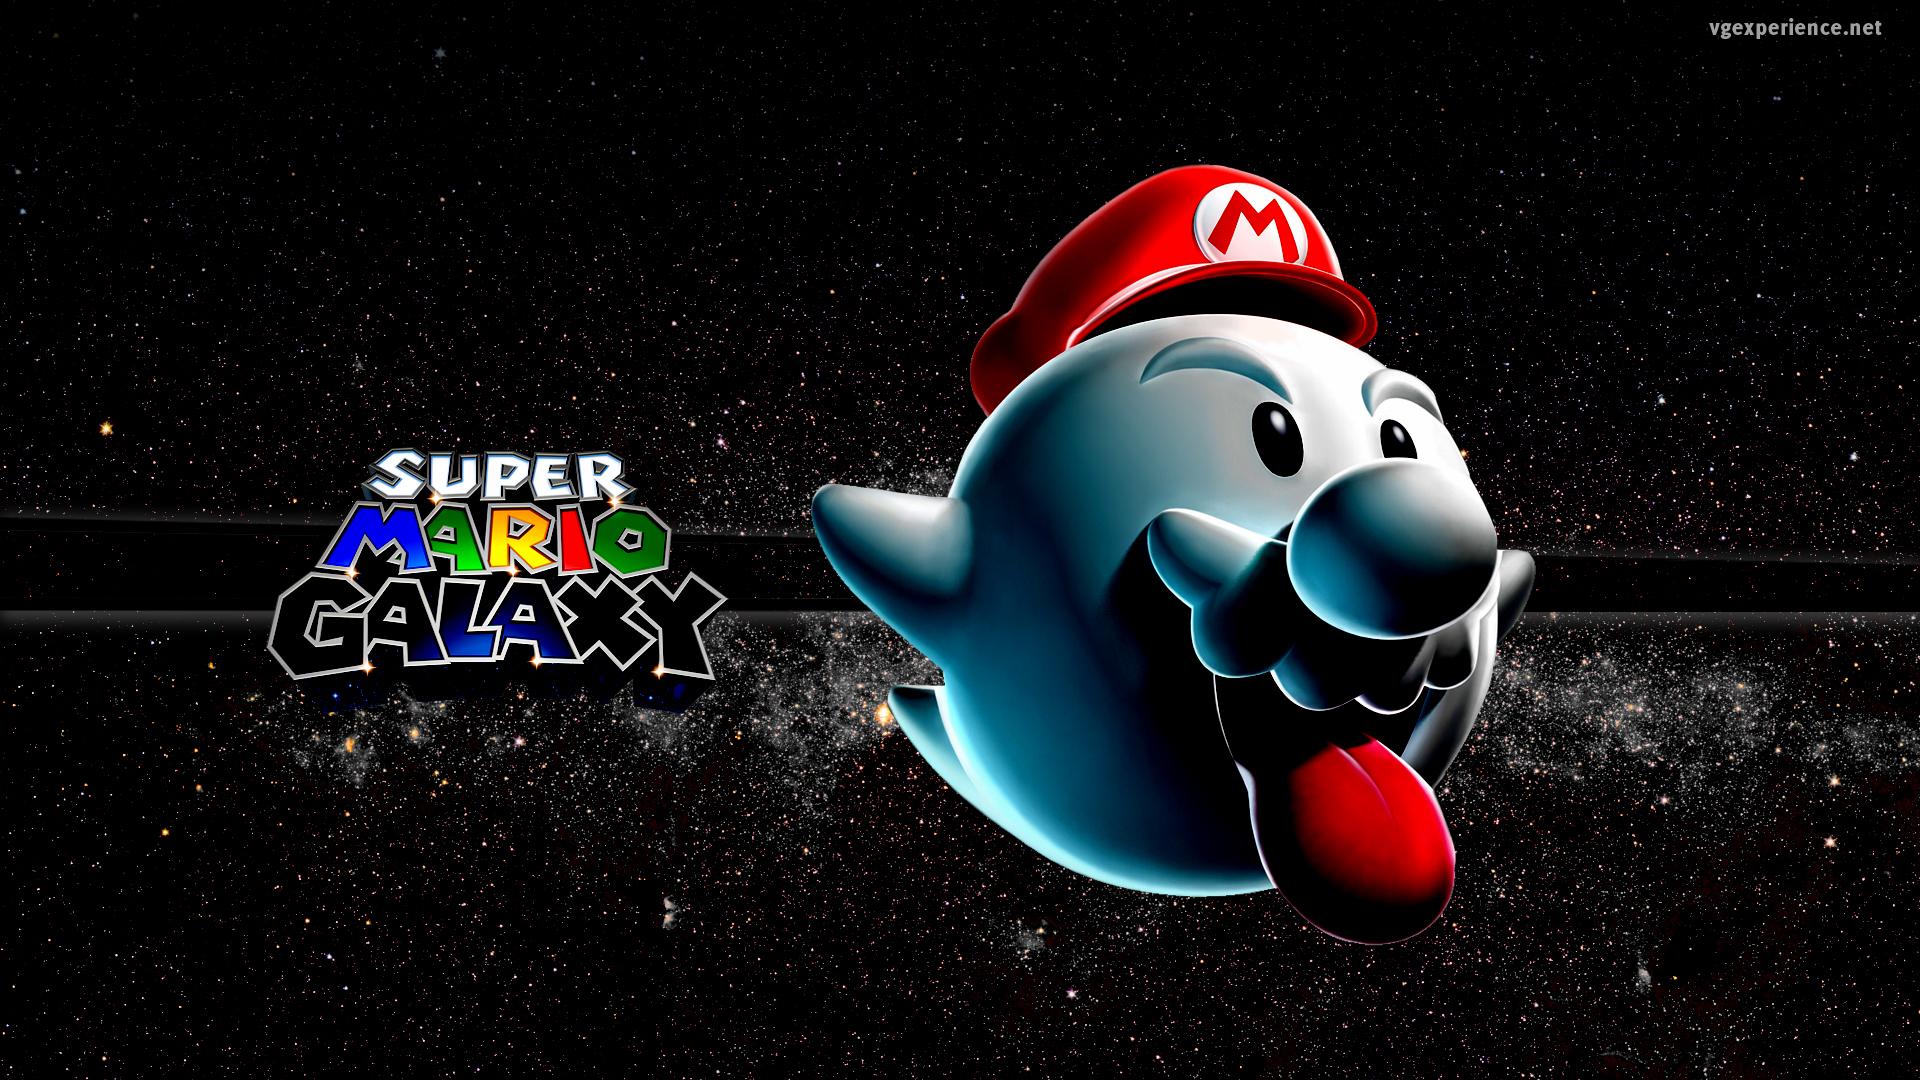 Super Mario Galaxy Wallpapers: Super Mario Galaxy HD Wallpaper